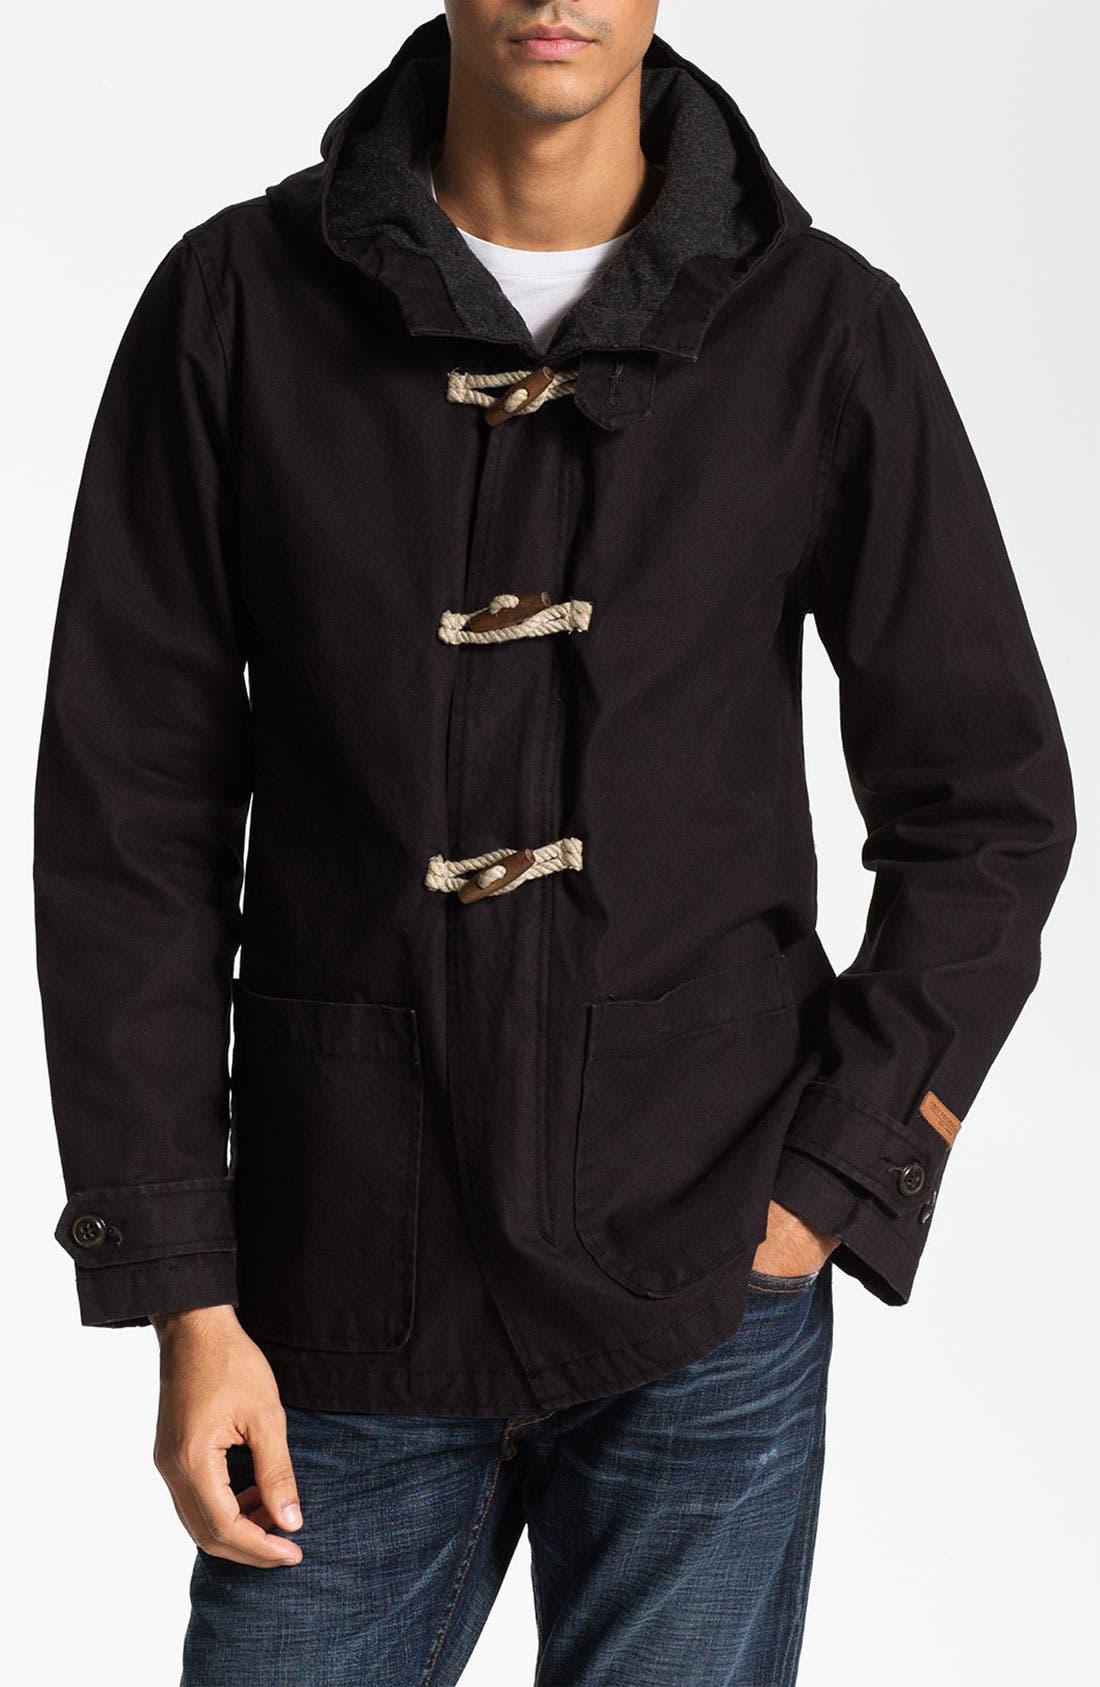 Alternate Image 1 Selected - Obey 'Porter' Jacket